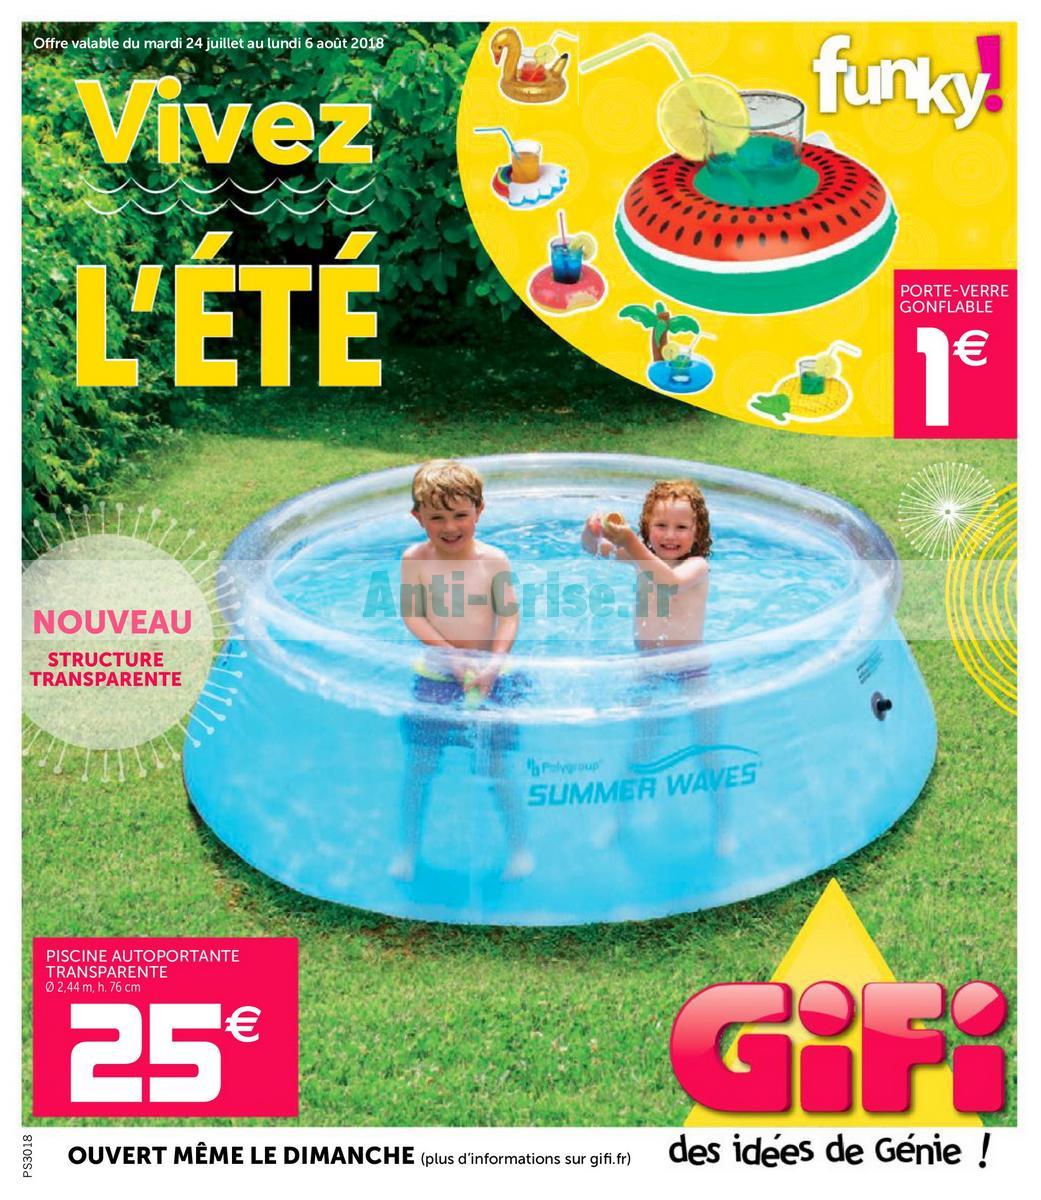 Catalogue Gifi Du 24 Juillet Au 6 Août 2018 - Catalogues ... encequiconcerne Piscine Gonflable Gifi